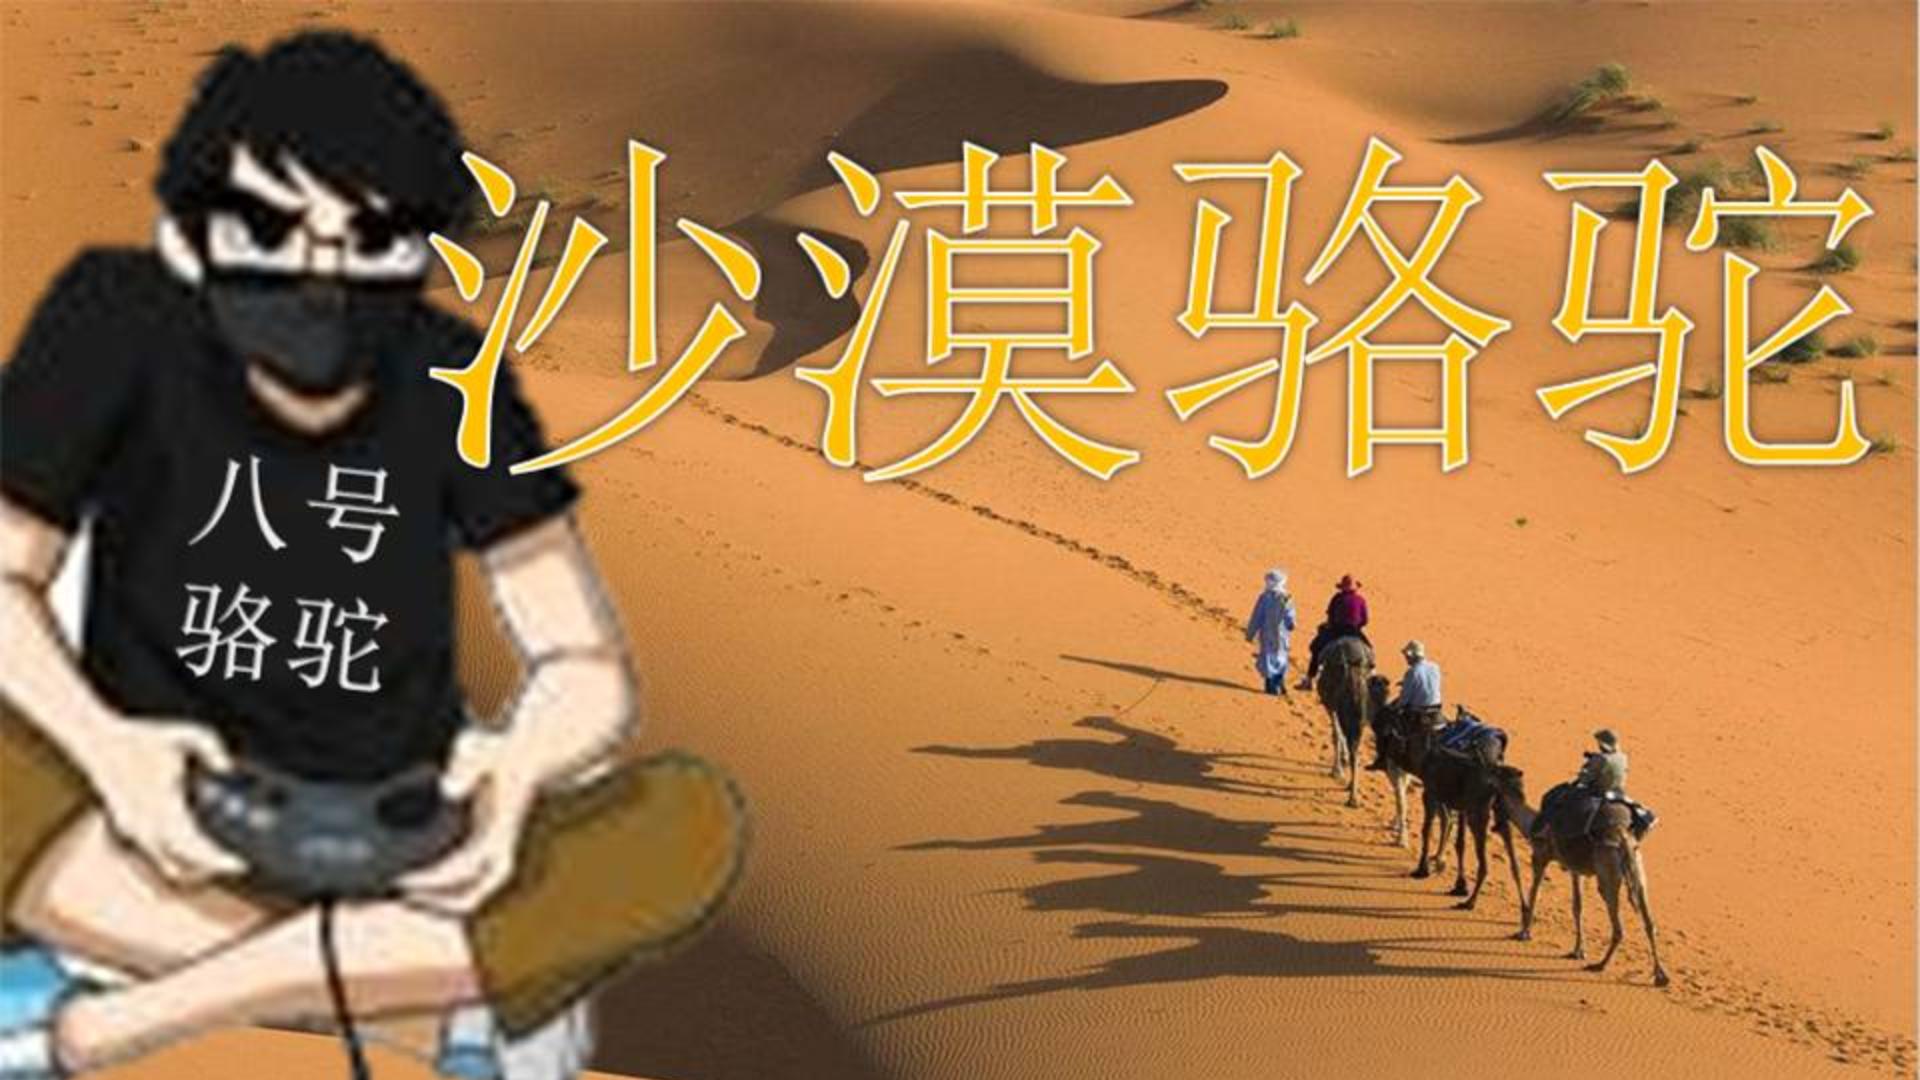 【黑镖客】沙漠骆驼